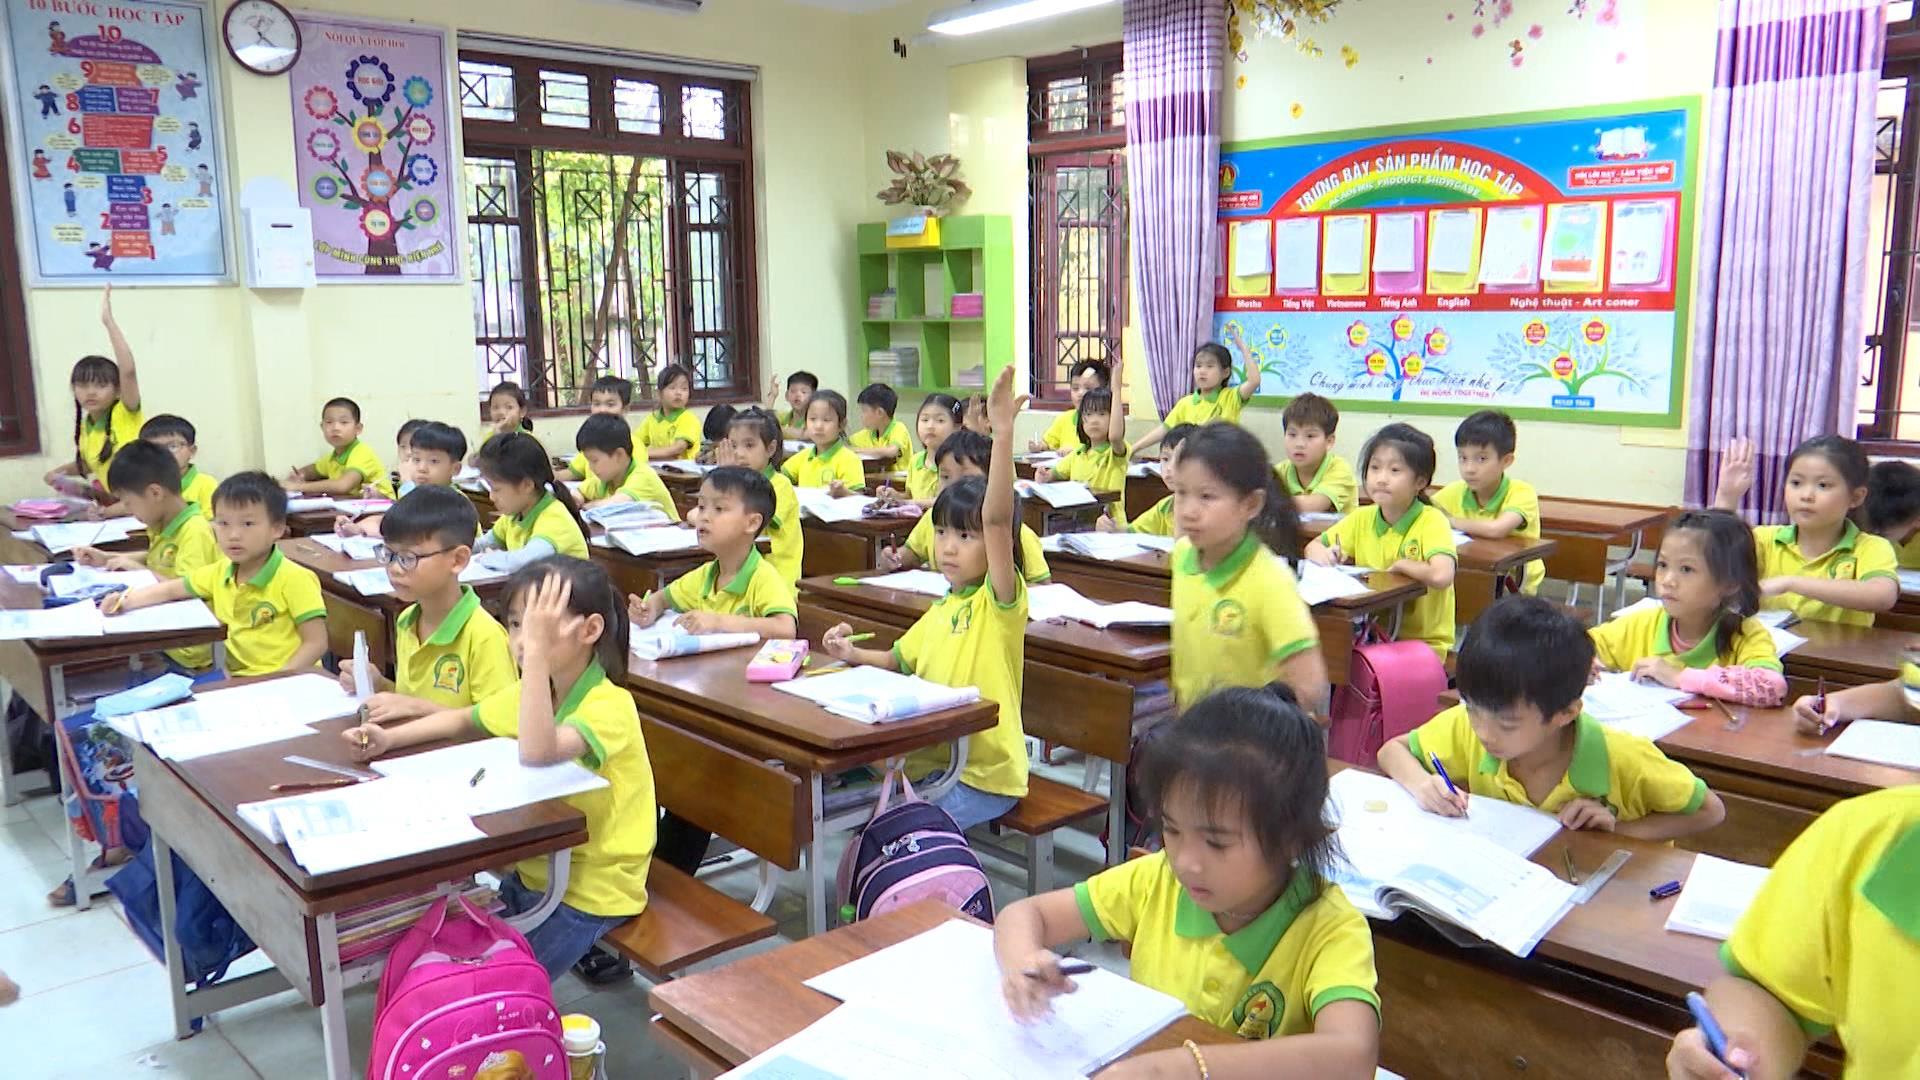 Bắc Ninh trong tốp đầu cả nước chỉ số về tiếp cận, phổ cập giáo dục